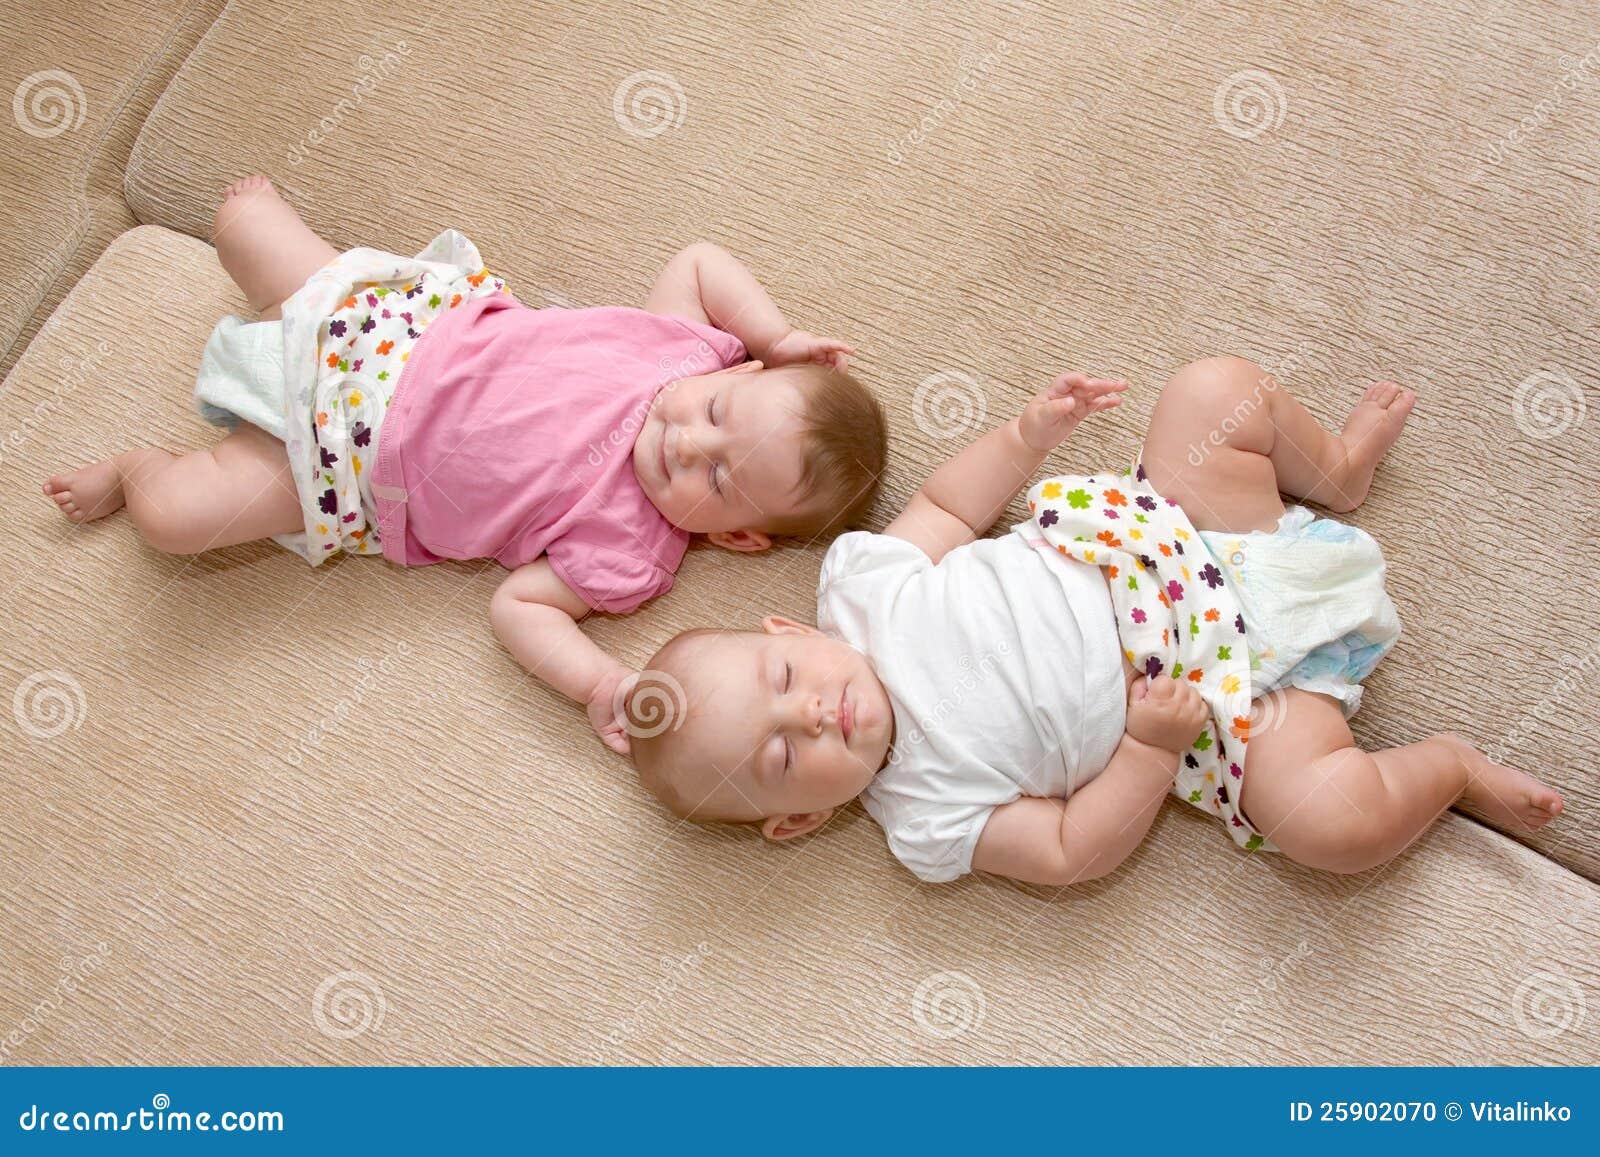 Twins Baby Girls Sleeping Stock Photo - Image: 25902070